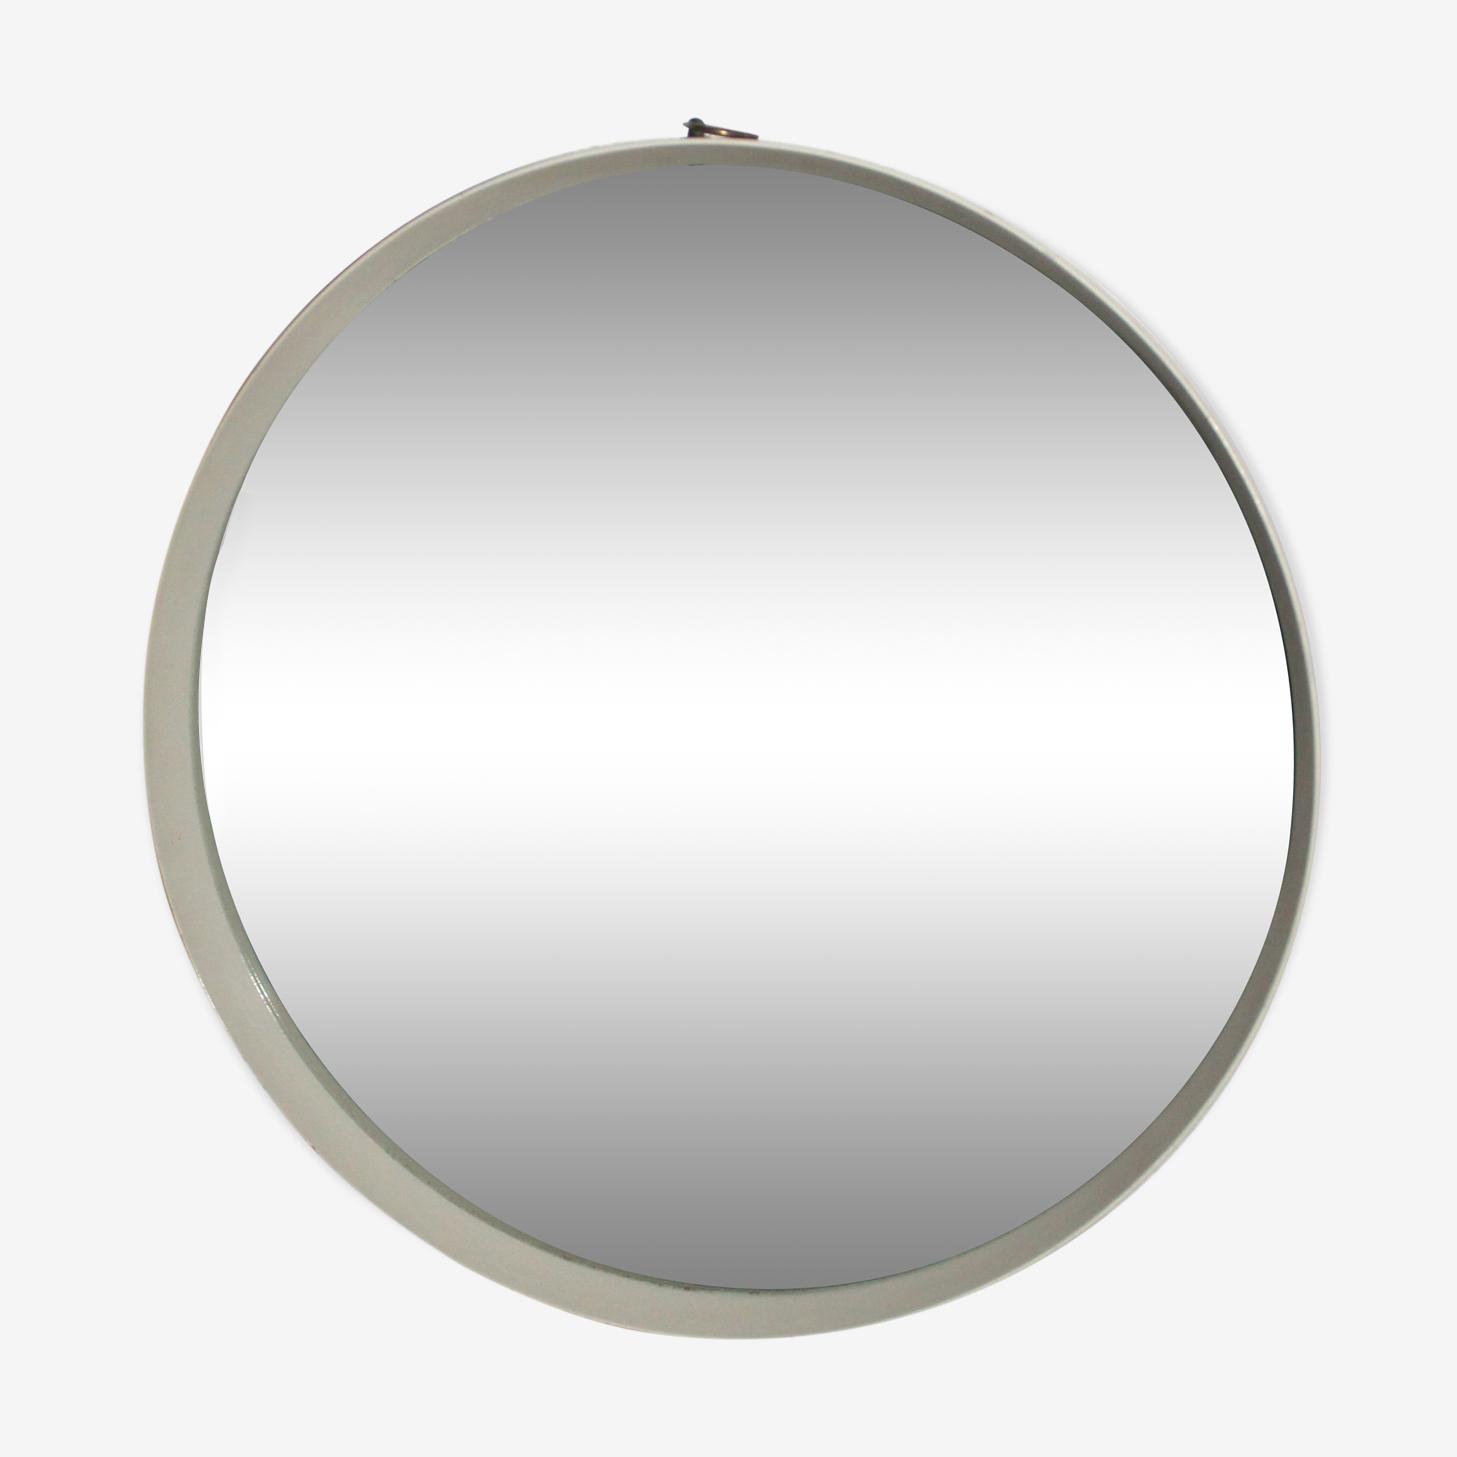 Miroir rond vintage 60's 75cm en bois